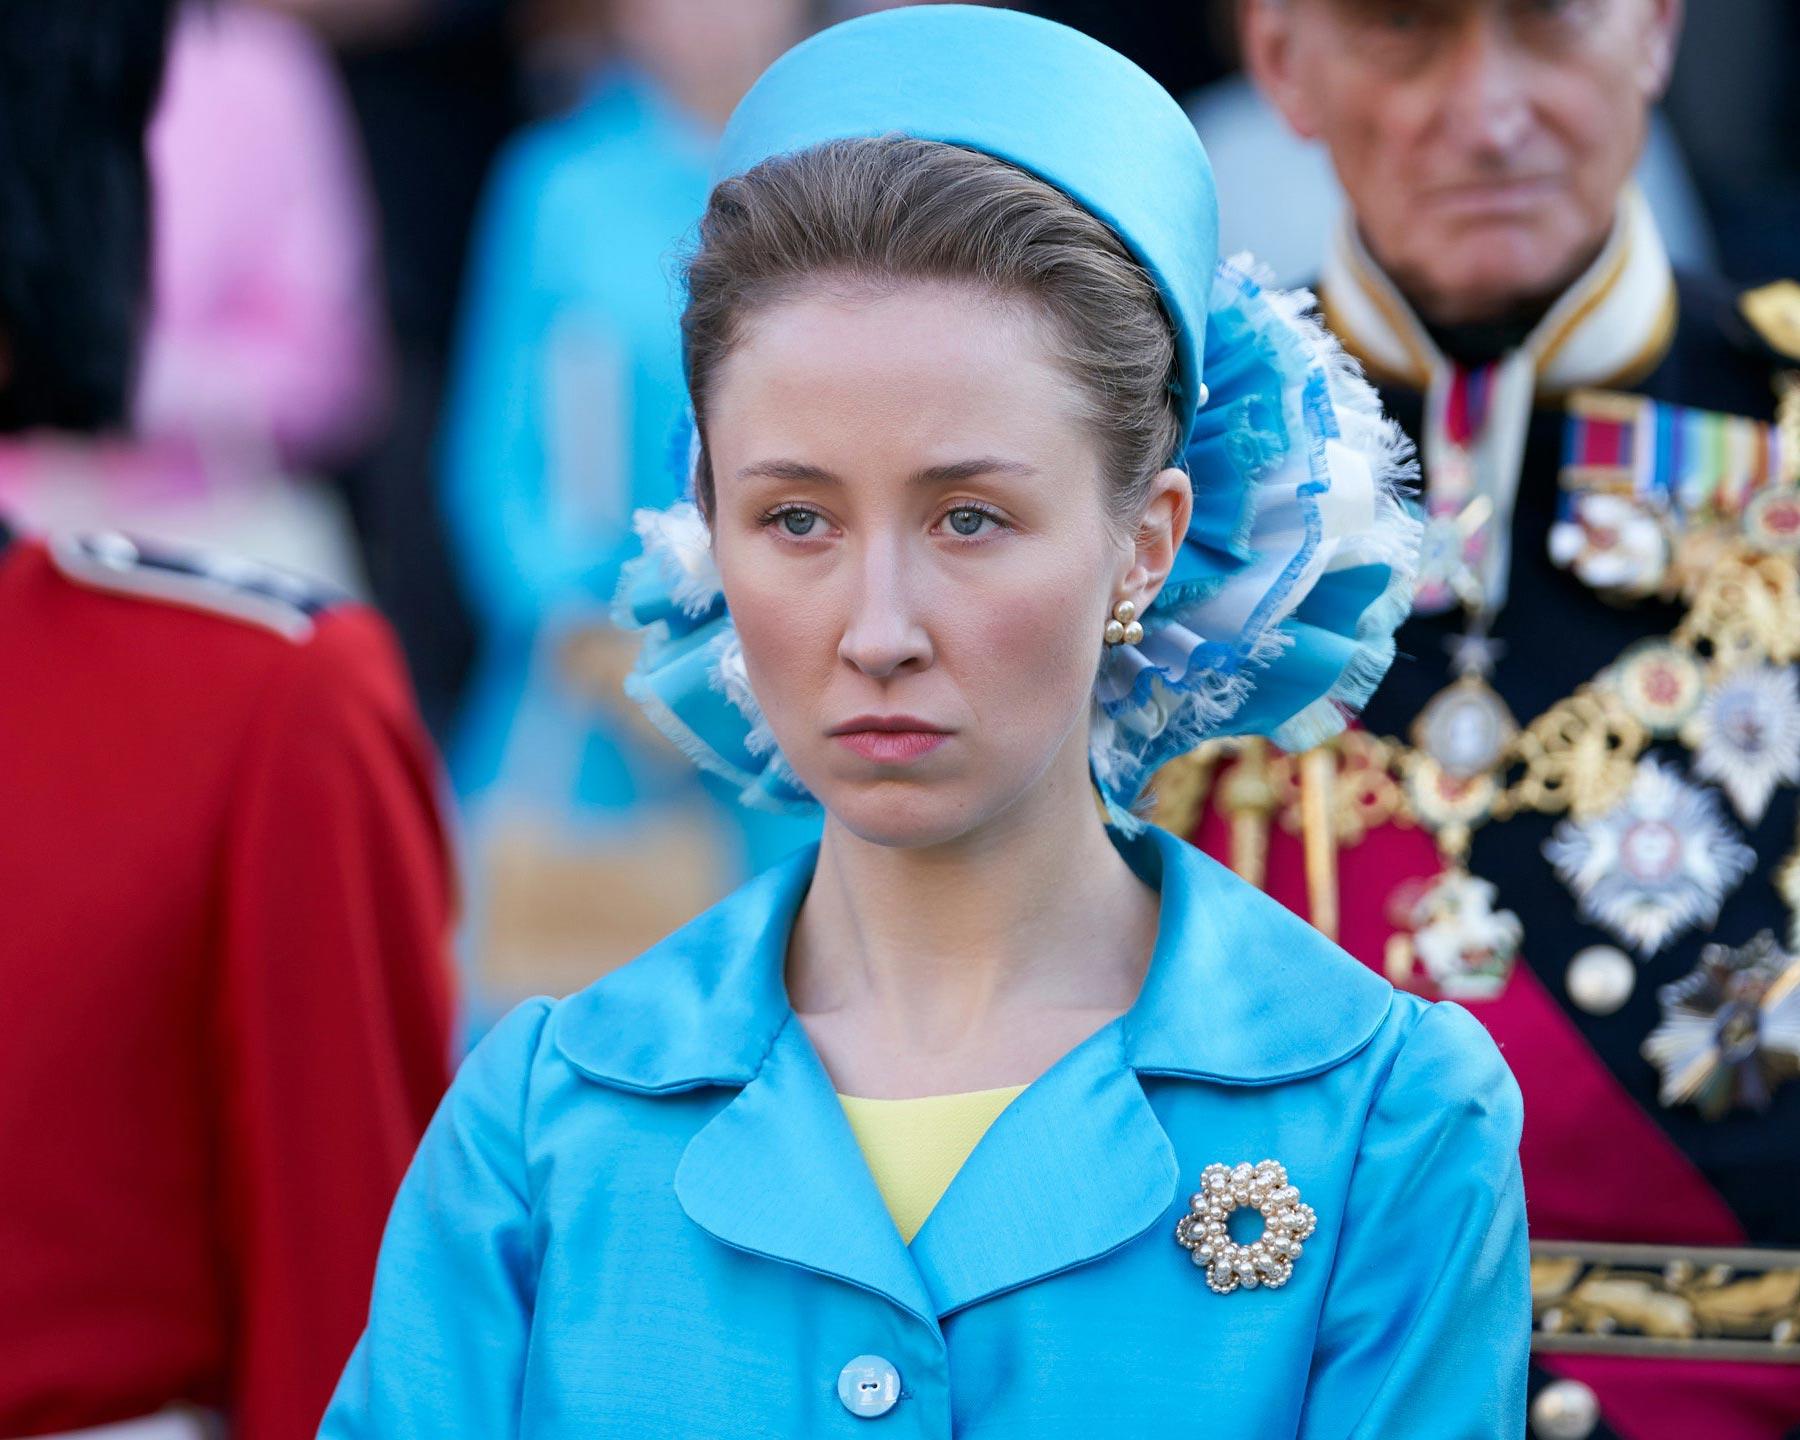 Актриса Эрин Доэрти вобразе принцессы Анны.